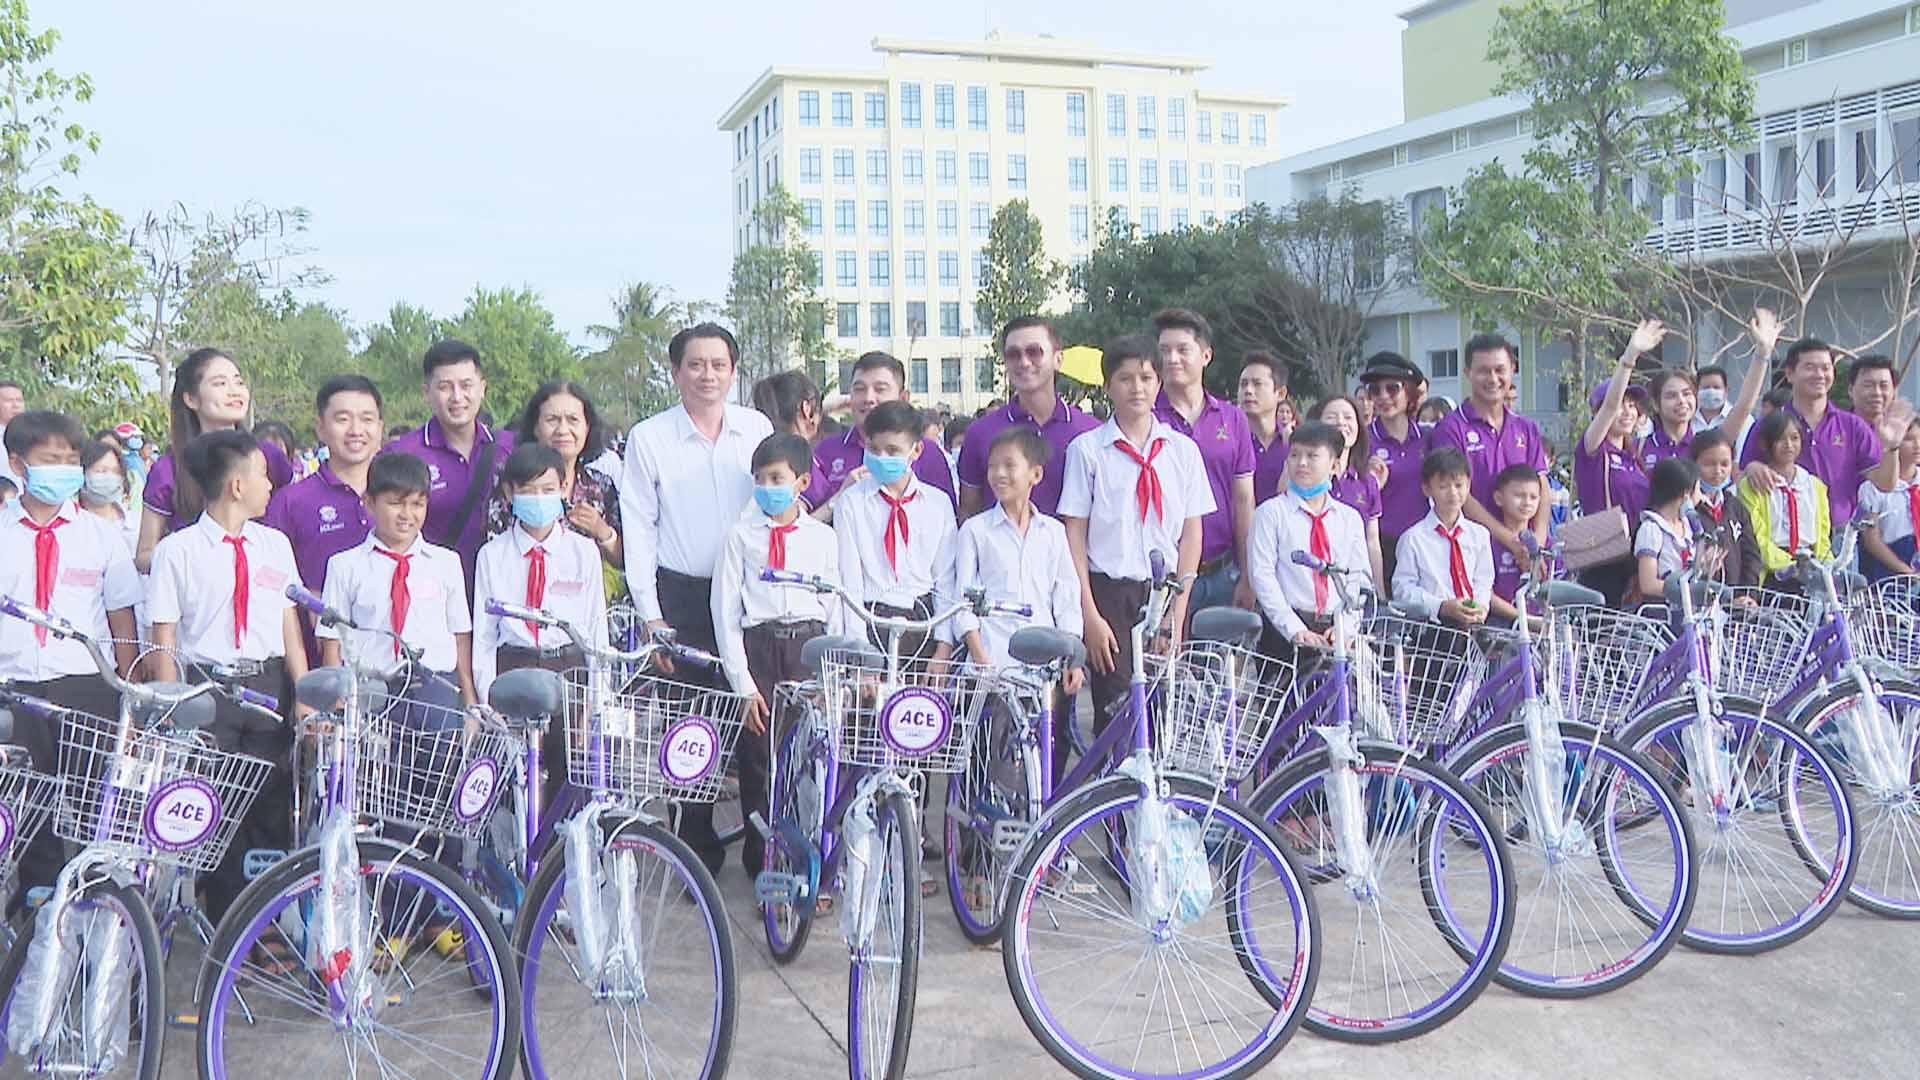 Câu lạc bộ ACE CHARITY trao 308 xe đạp cho học sinh vượt khó học giỏi tỉnh Trà Vinh